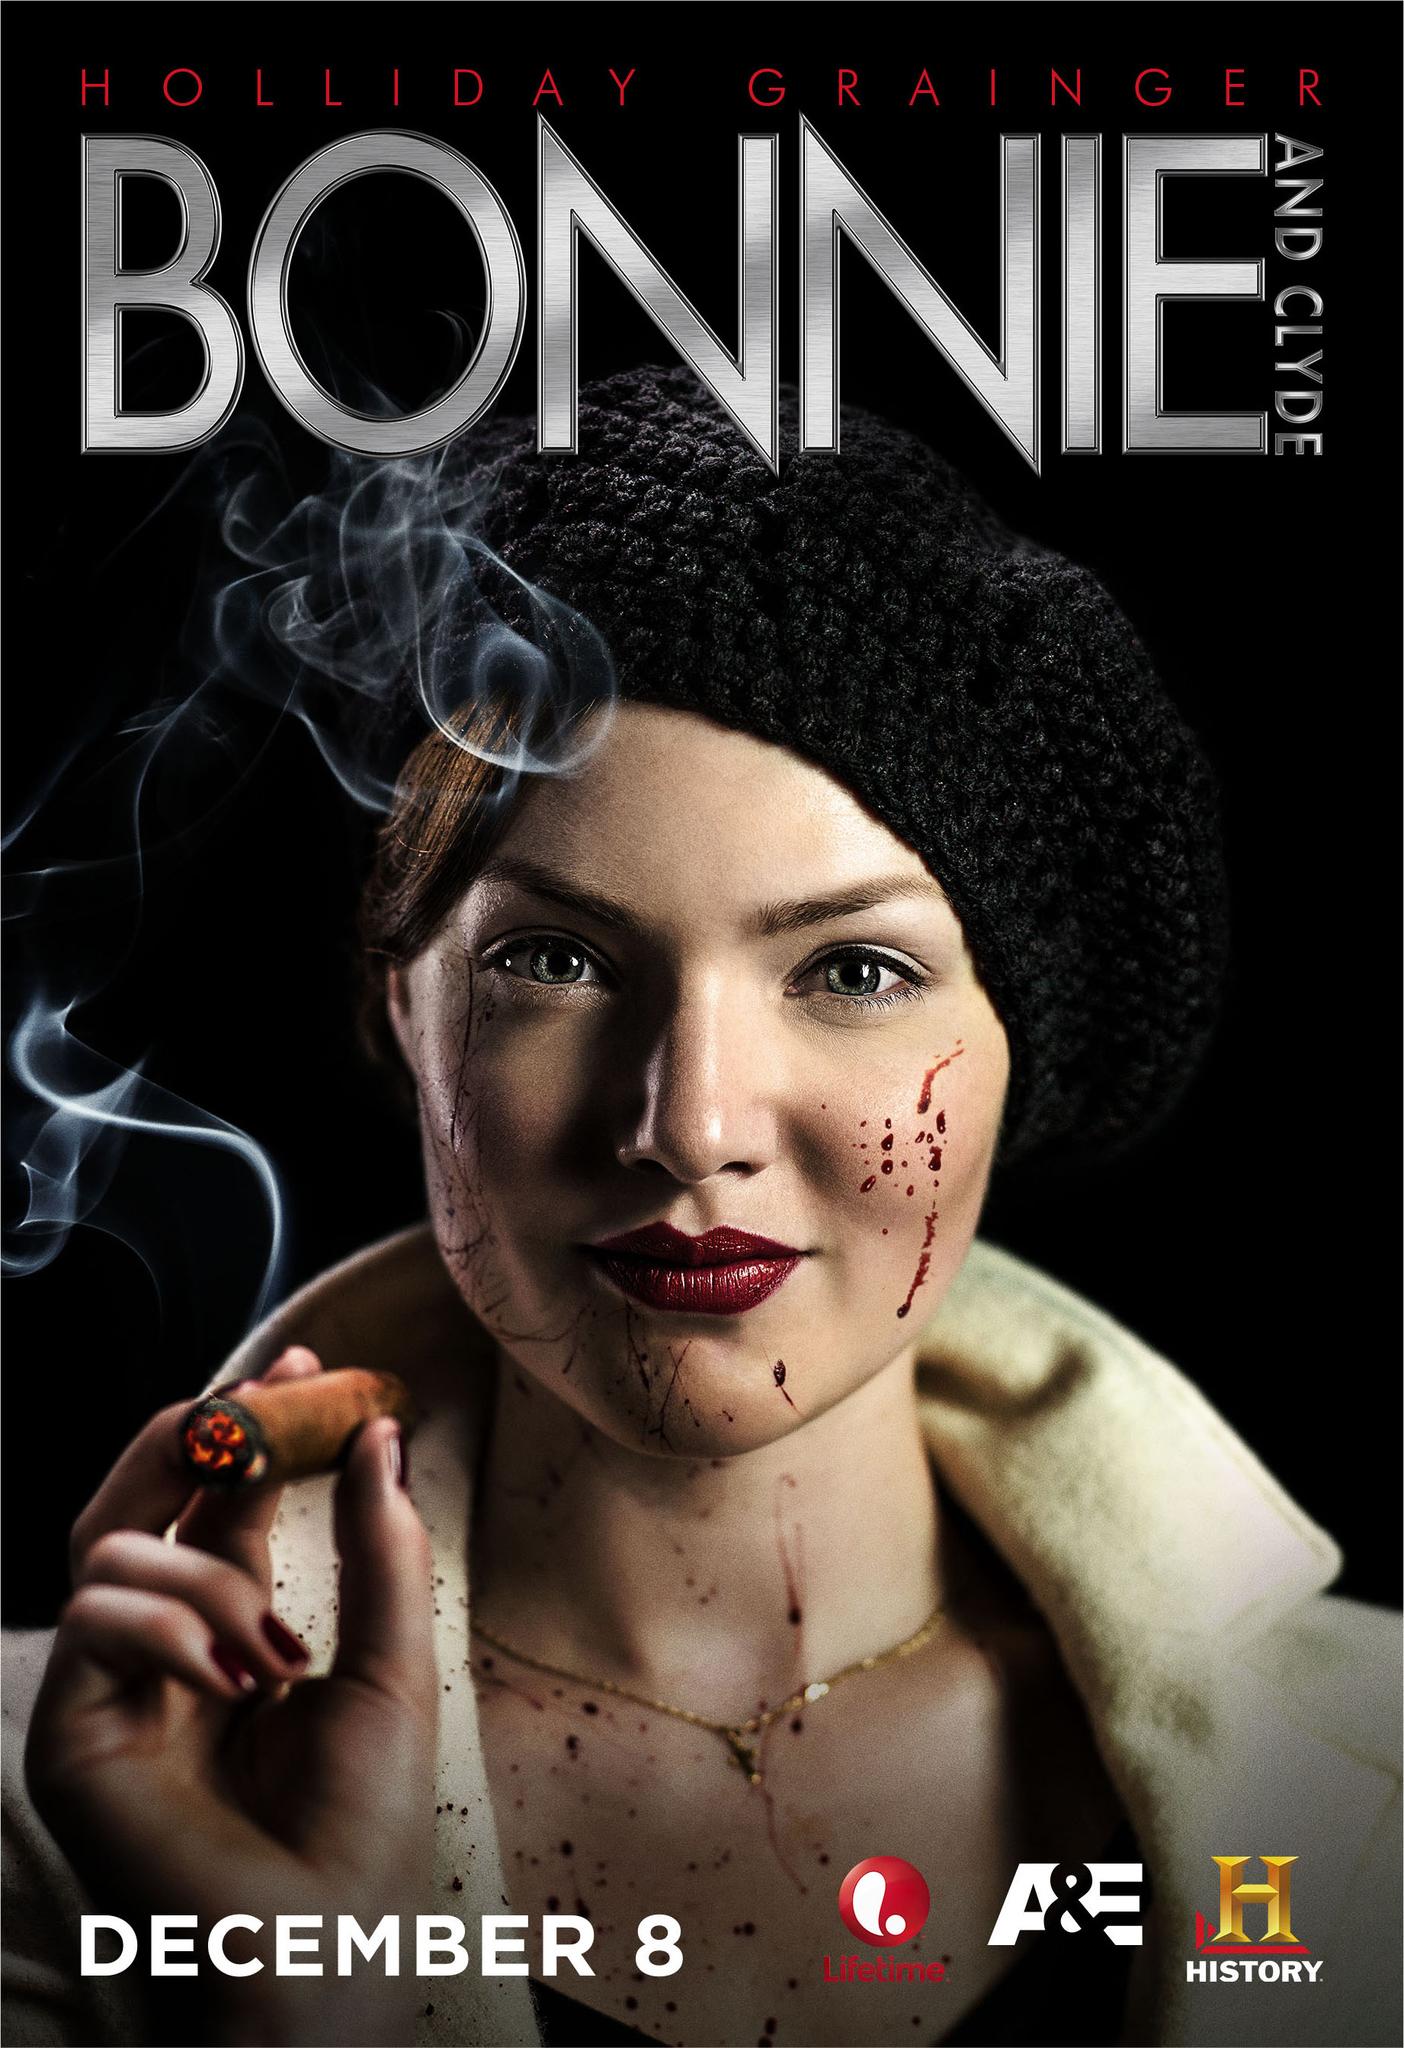 Bonnie%20%26%20Clyde